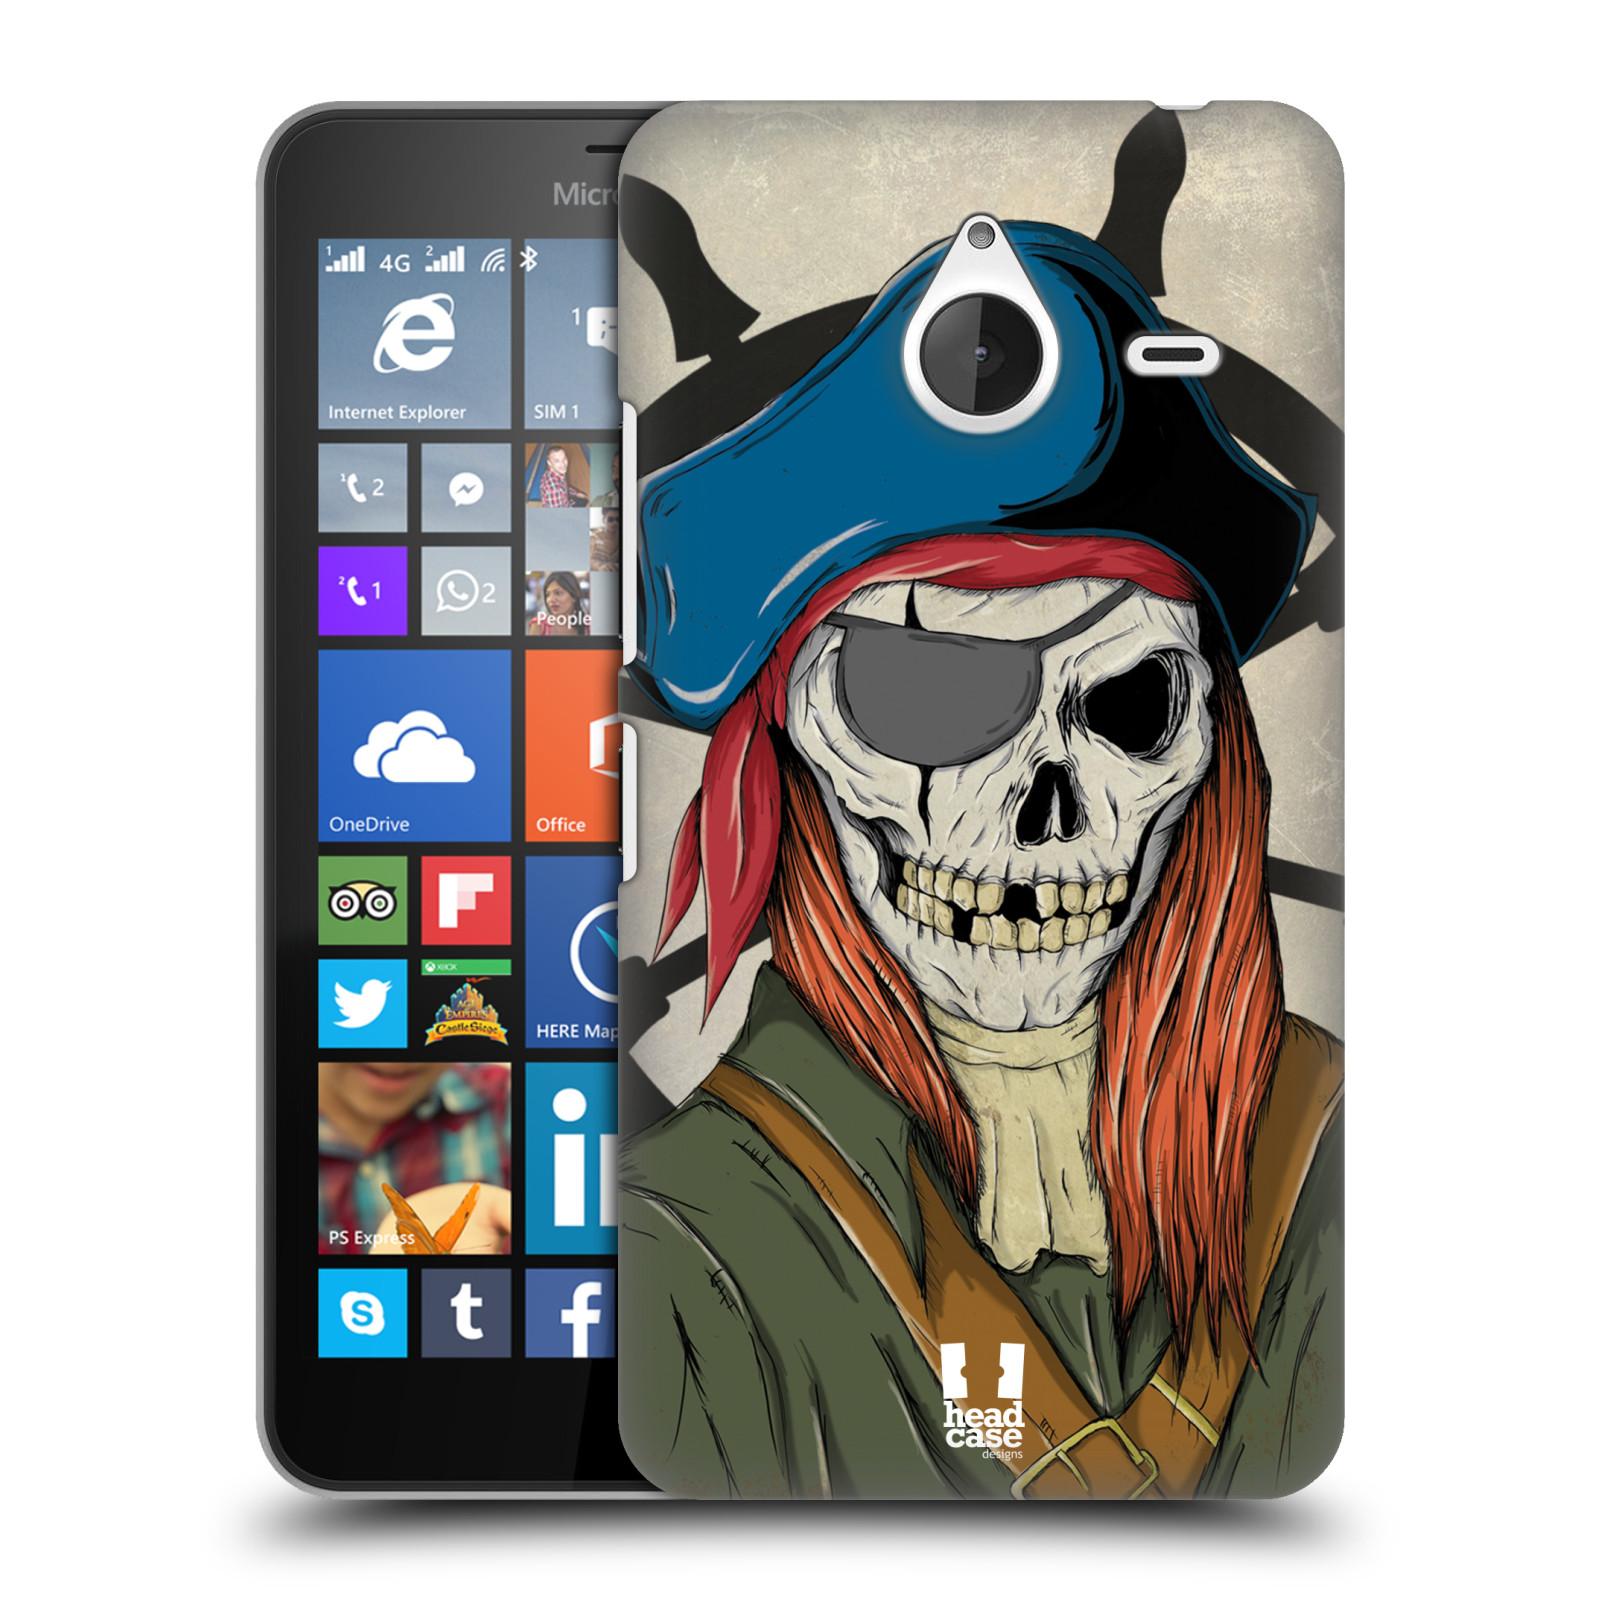 Plastové pouzdro na mobil Microsoft Lumia 640 XL - Head Case - Pirát zrzek (Plastový kryt či obal na mobilní telefon s motivem zombie piráta pro Microsoft Lumia 640 XL)